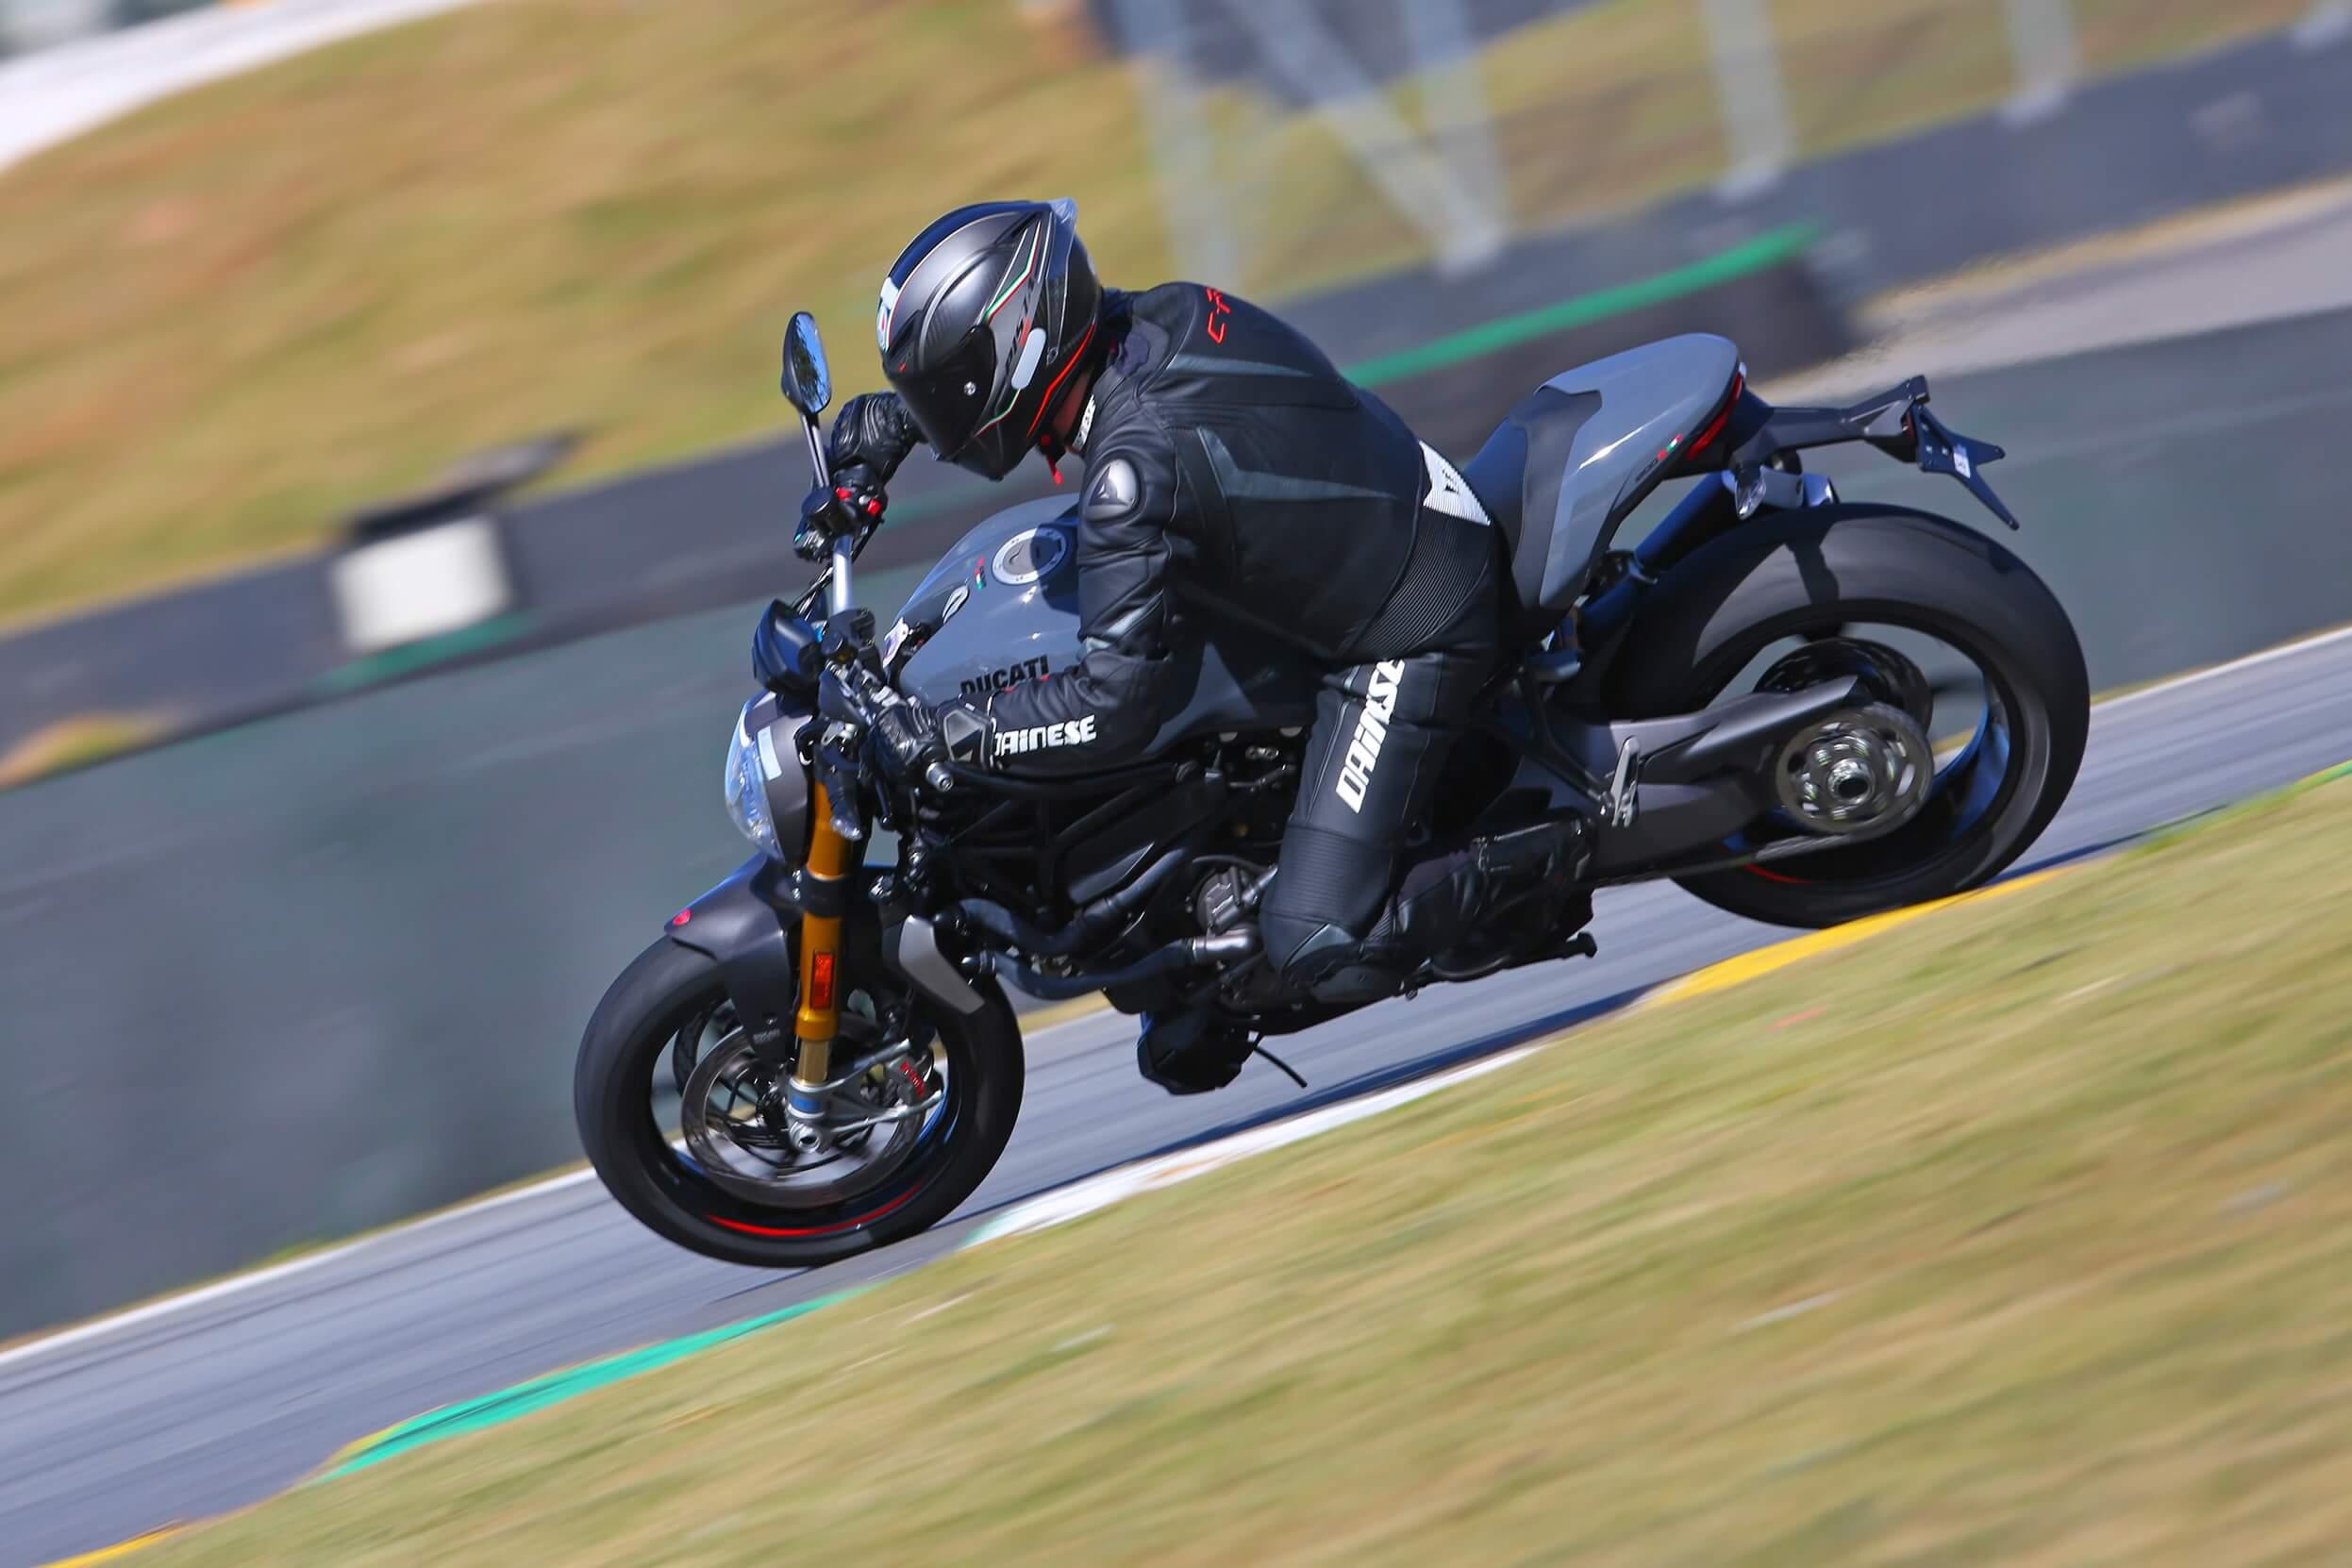 Entre as iniciativas para aumentar a segurança está o ABS para curvas, que equipa a Monster 1200S